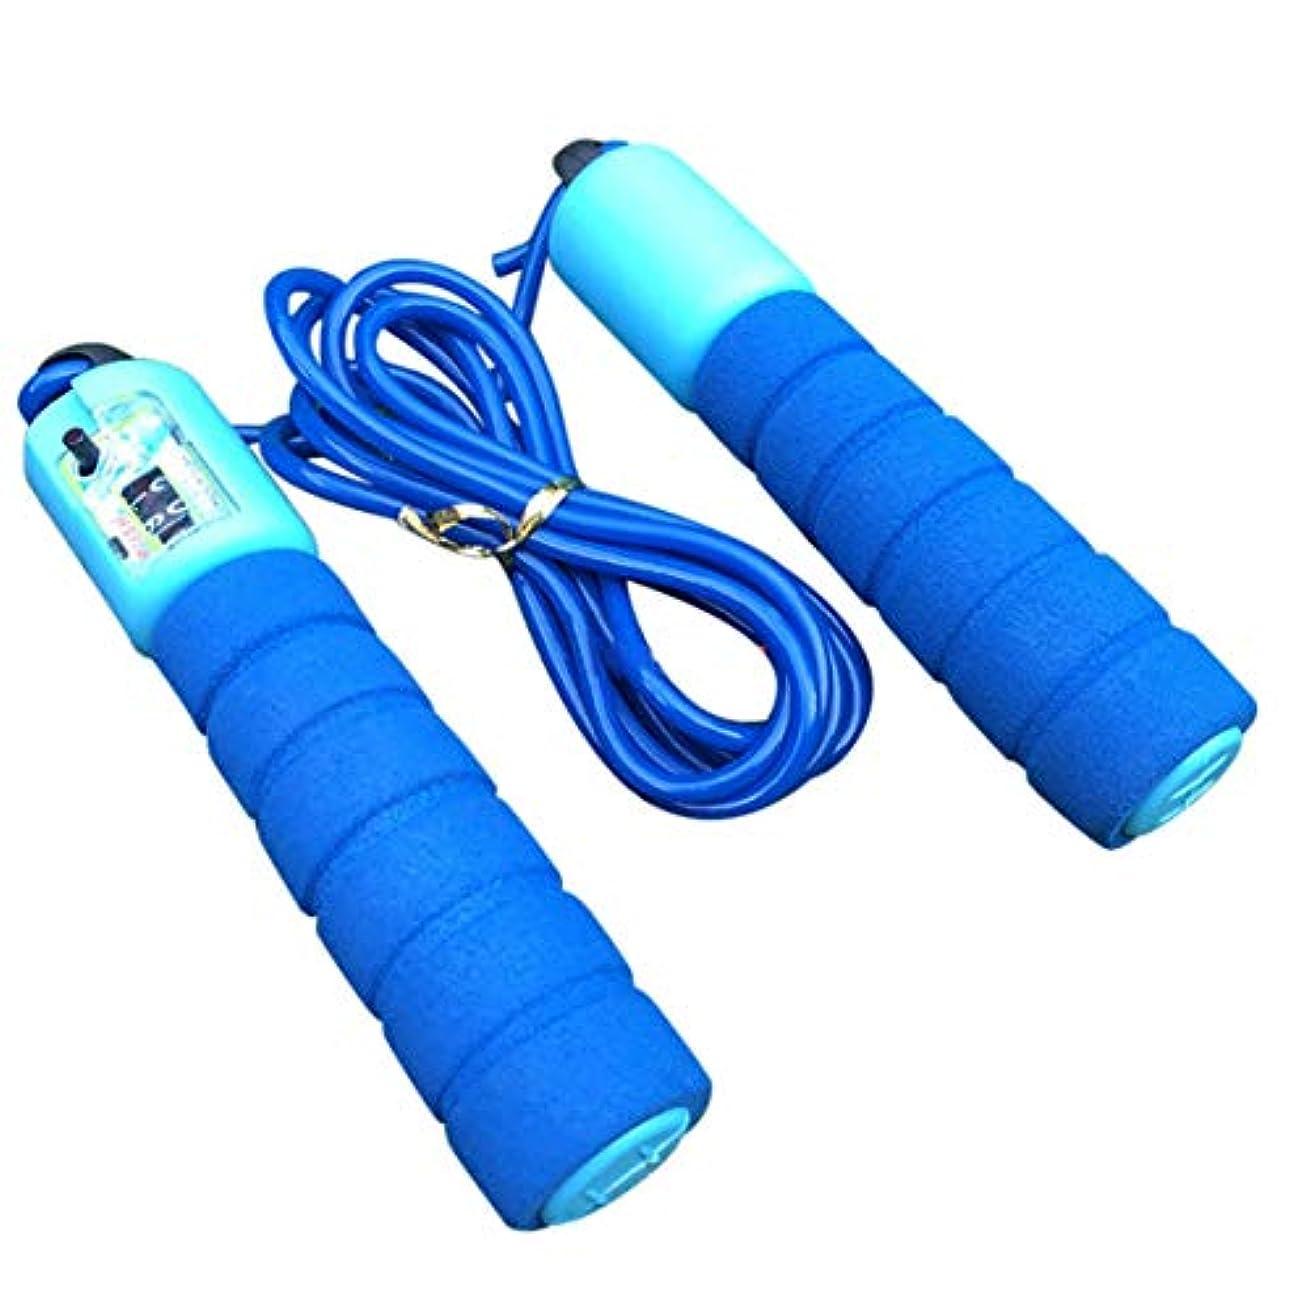 音奨励します野菜調整可能なプロフェッショナルカウント縄跳び自動カウントジャンプロープフィットネス運動高速カウントジャンプロープ - 青